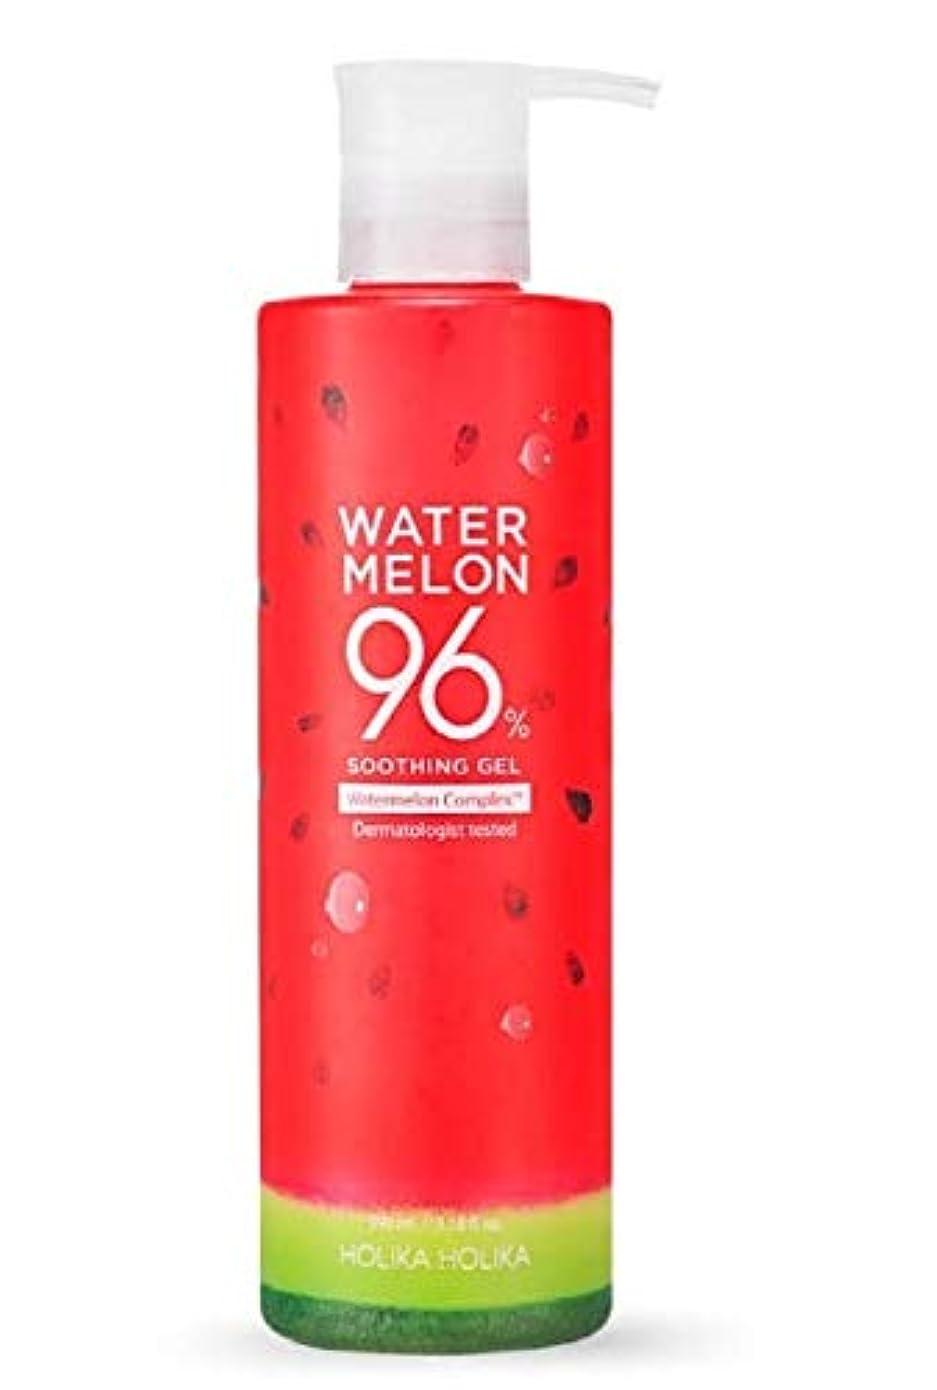 付添人直感予報ホリカホリカ ウォーターメロン96%スージングジェル 390ml/HOLIKAHOLIKA WATER MELON 96% SOOTHING GEL 390ml